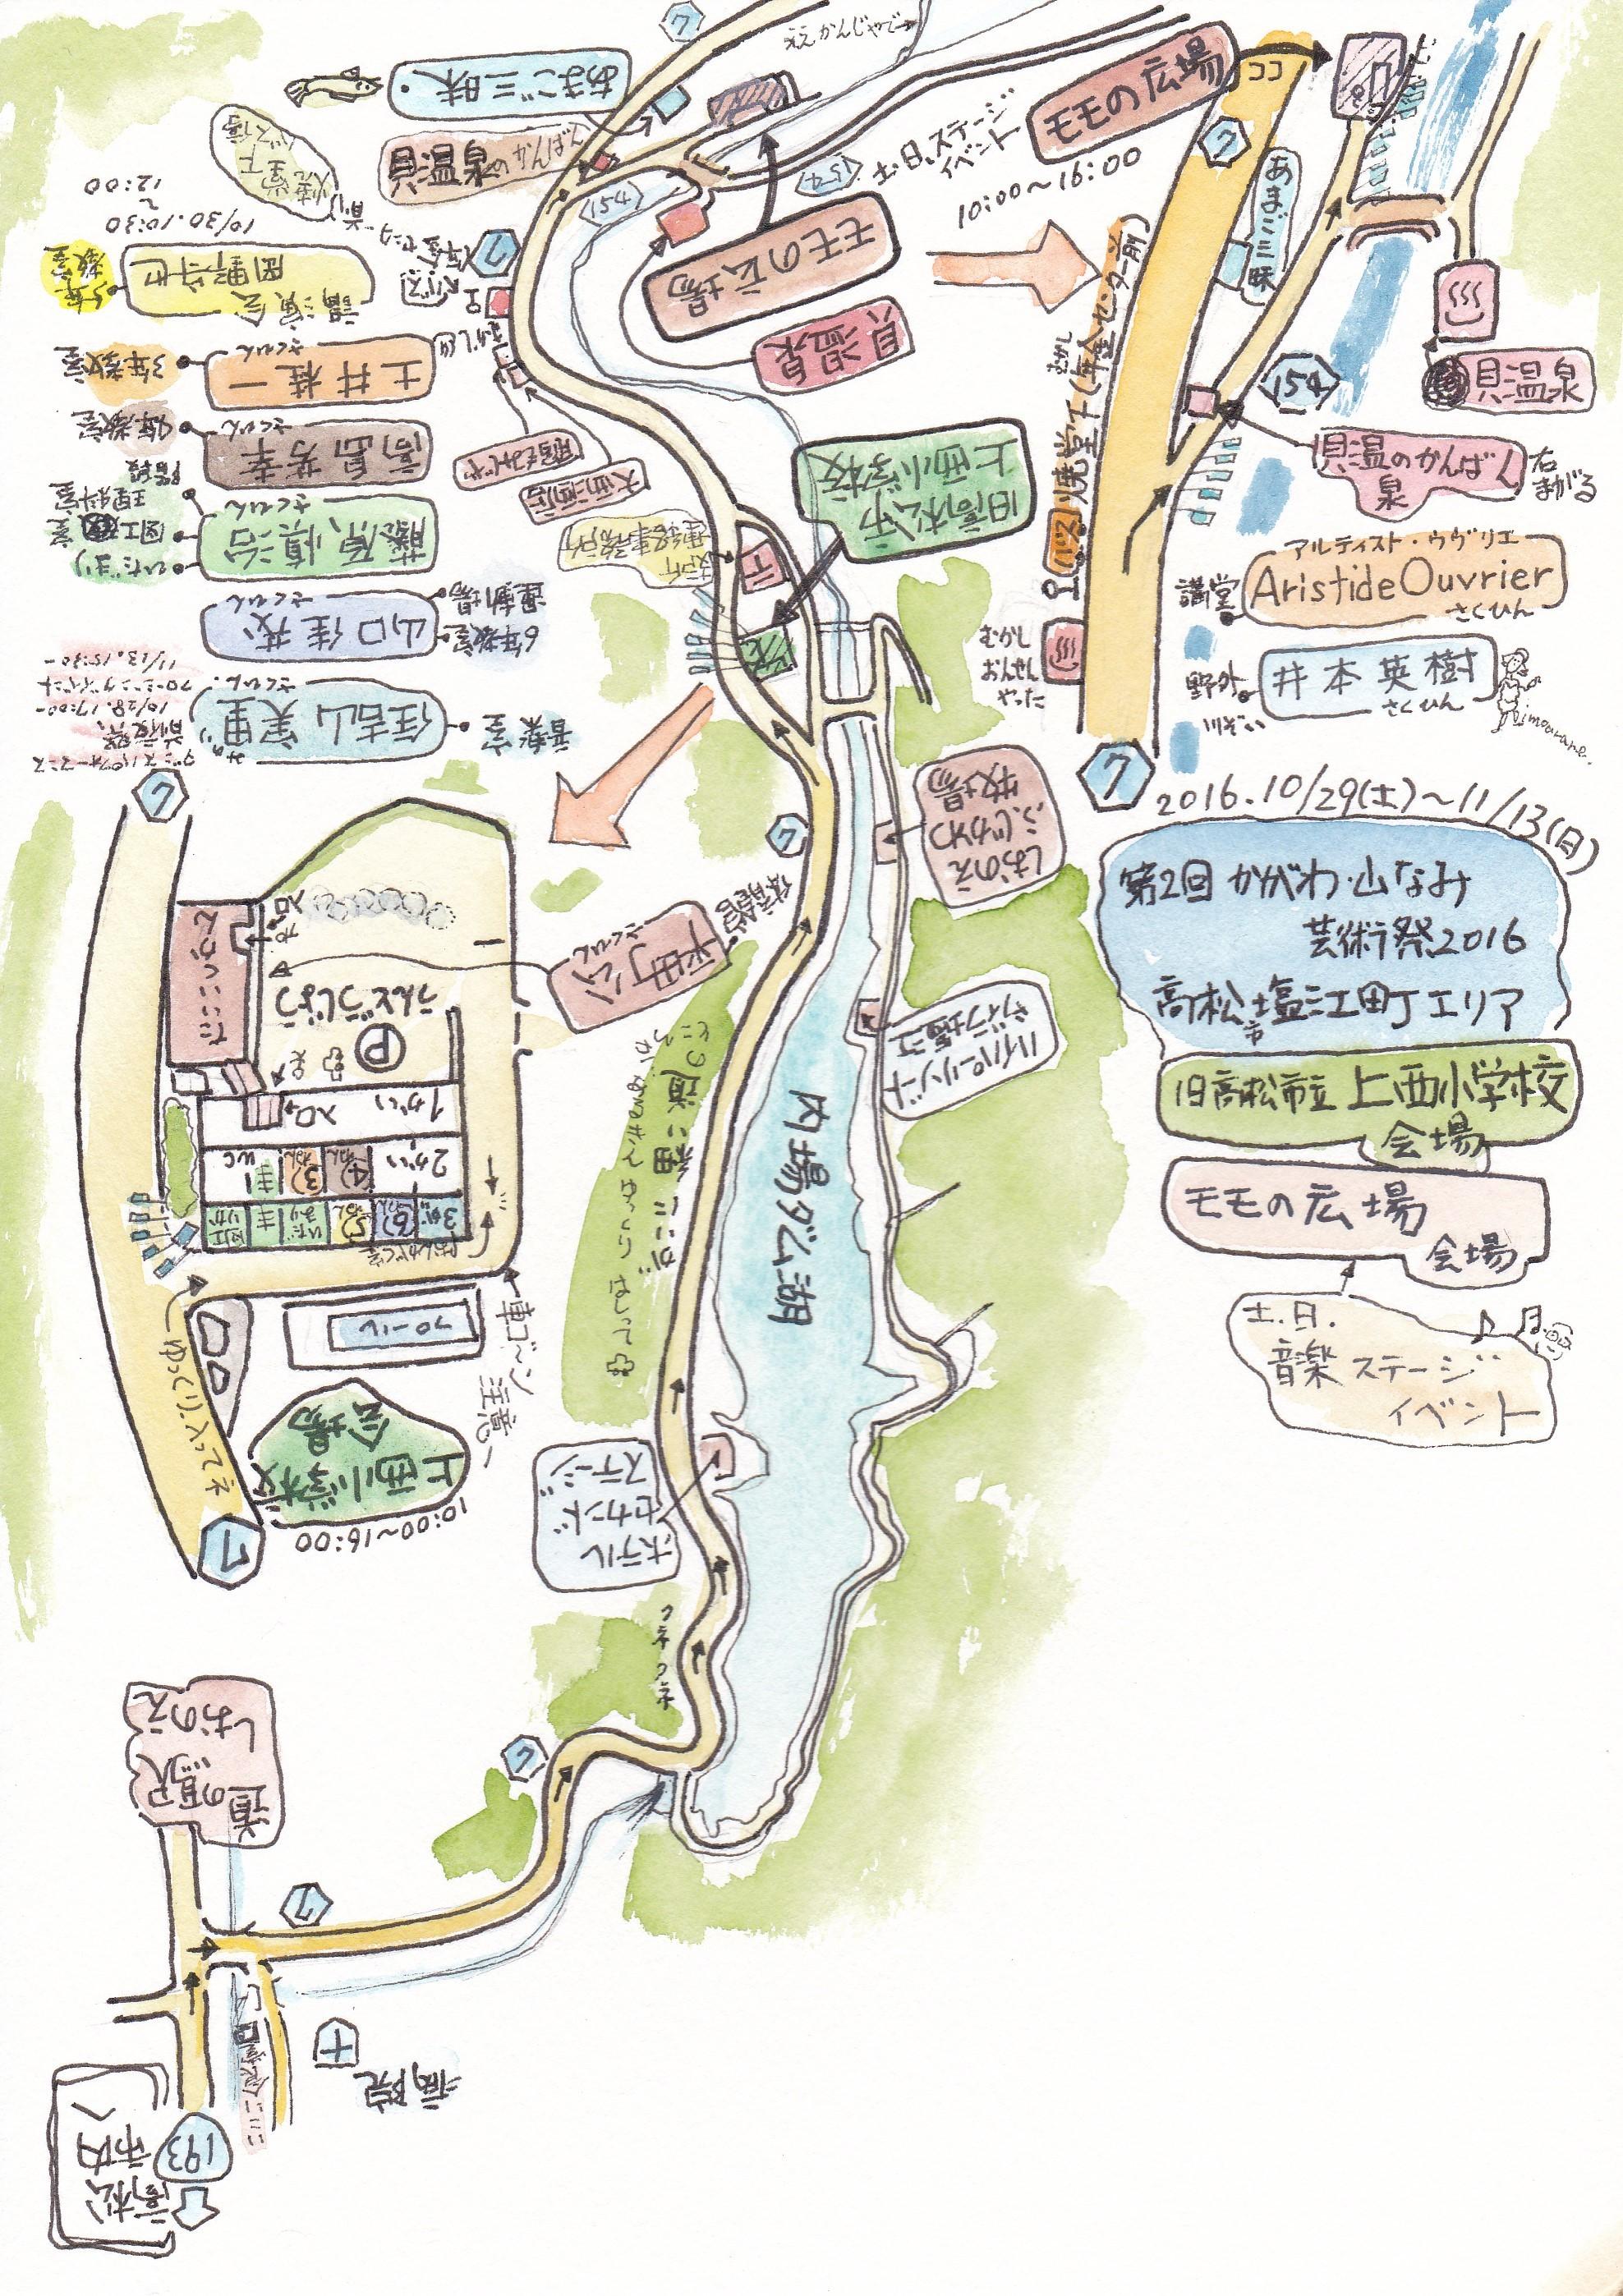 かがわ・山なみ芸術祭マップ 上西地区